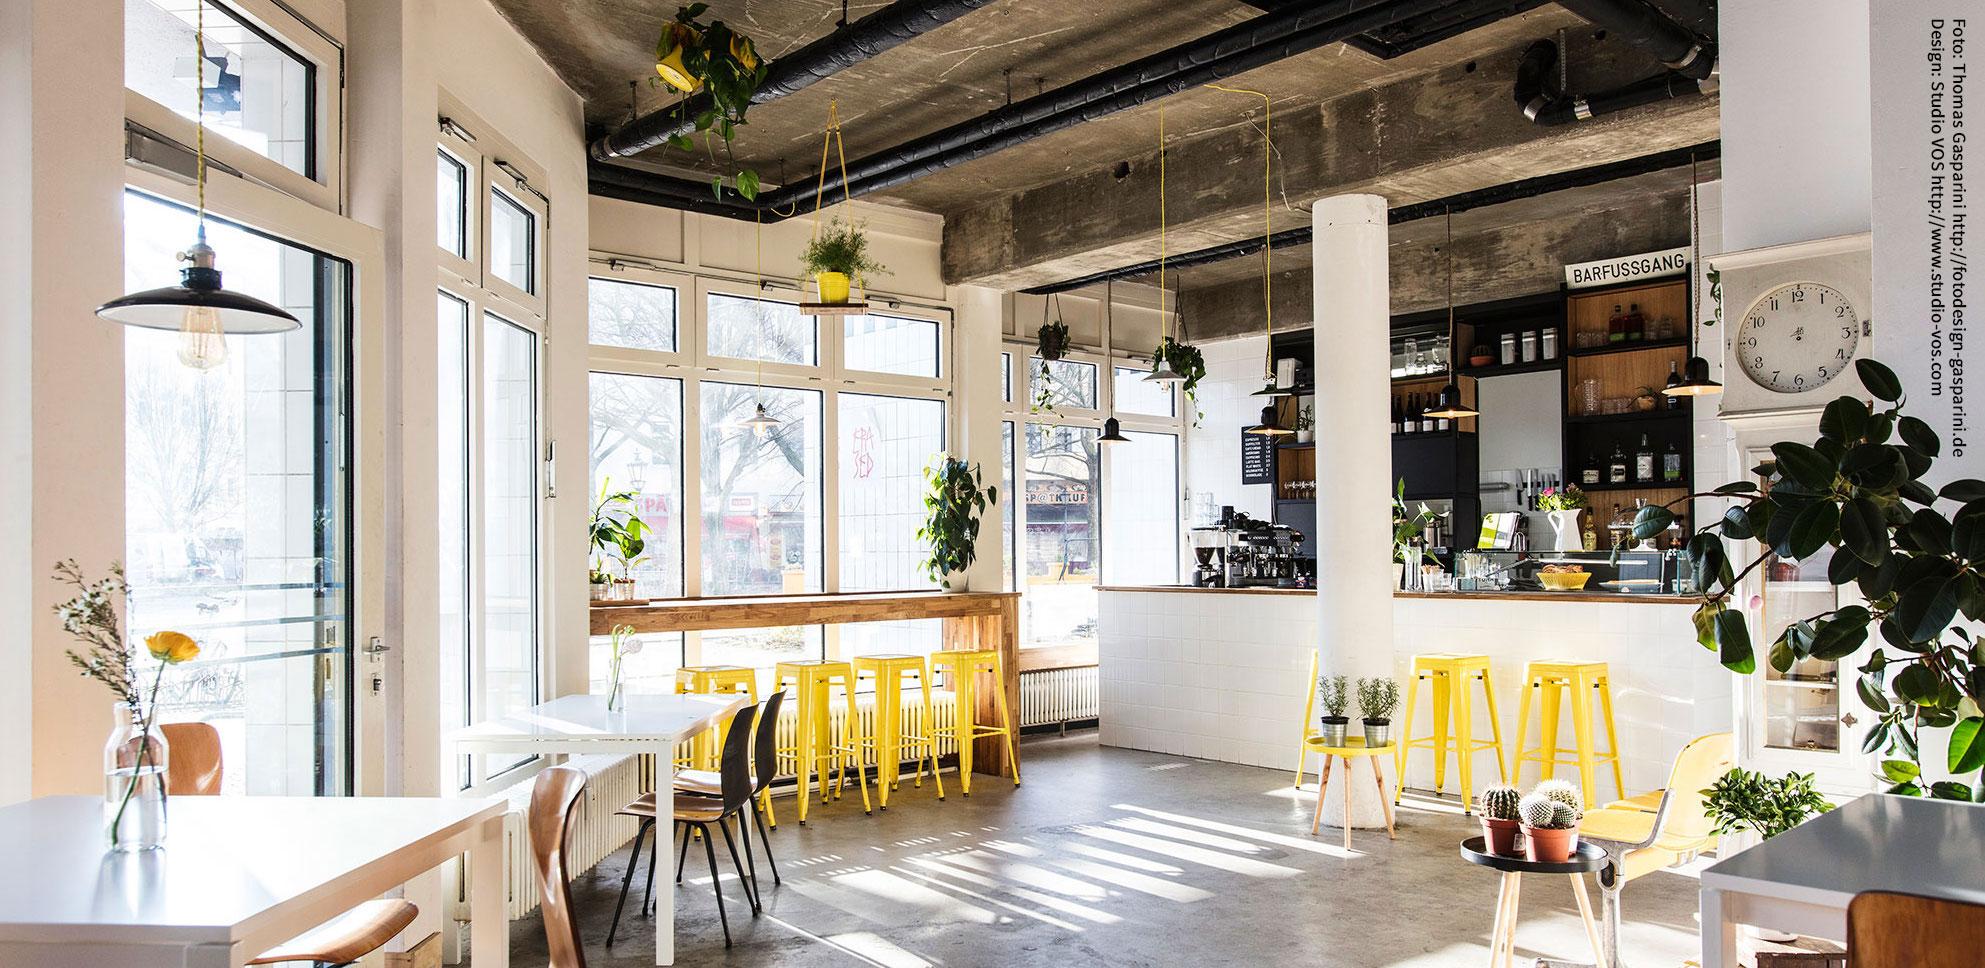 Großzügig Handwerker Stil Küchenbeleuchtung Bilder - Ideen Für Die ...